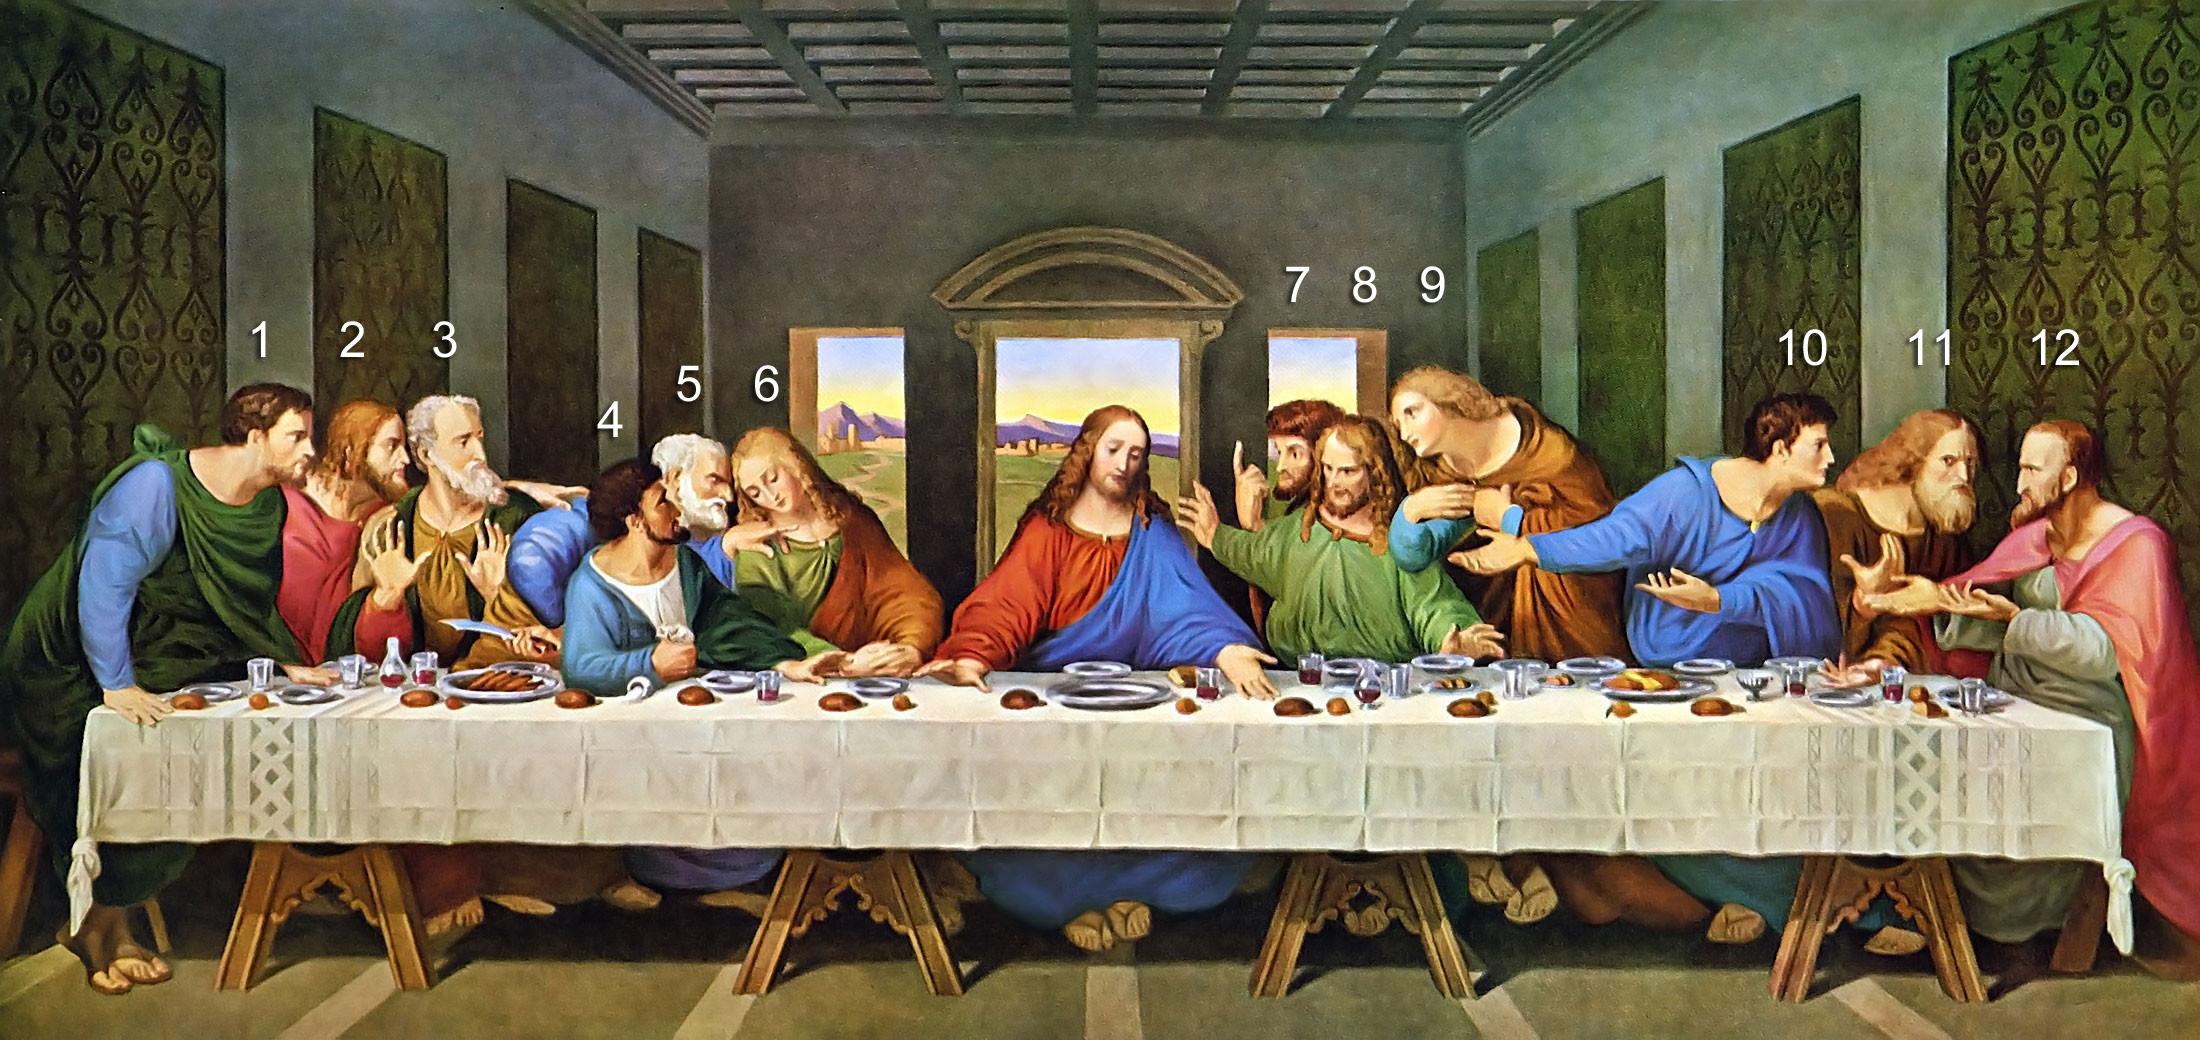 பொதுஅறிவு - கேள்வியும் பதிலும் (தொடர்) The-Last-Supper-Restored-Da-Vinci